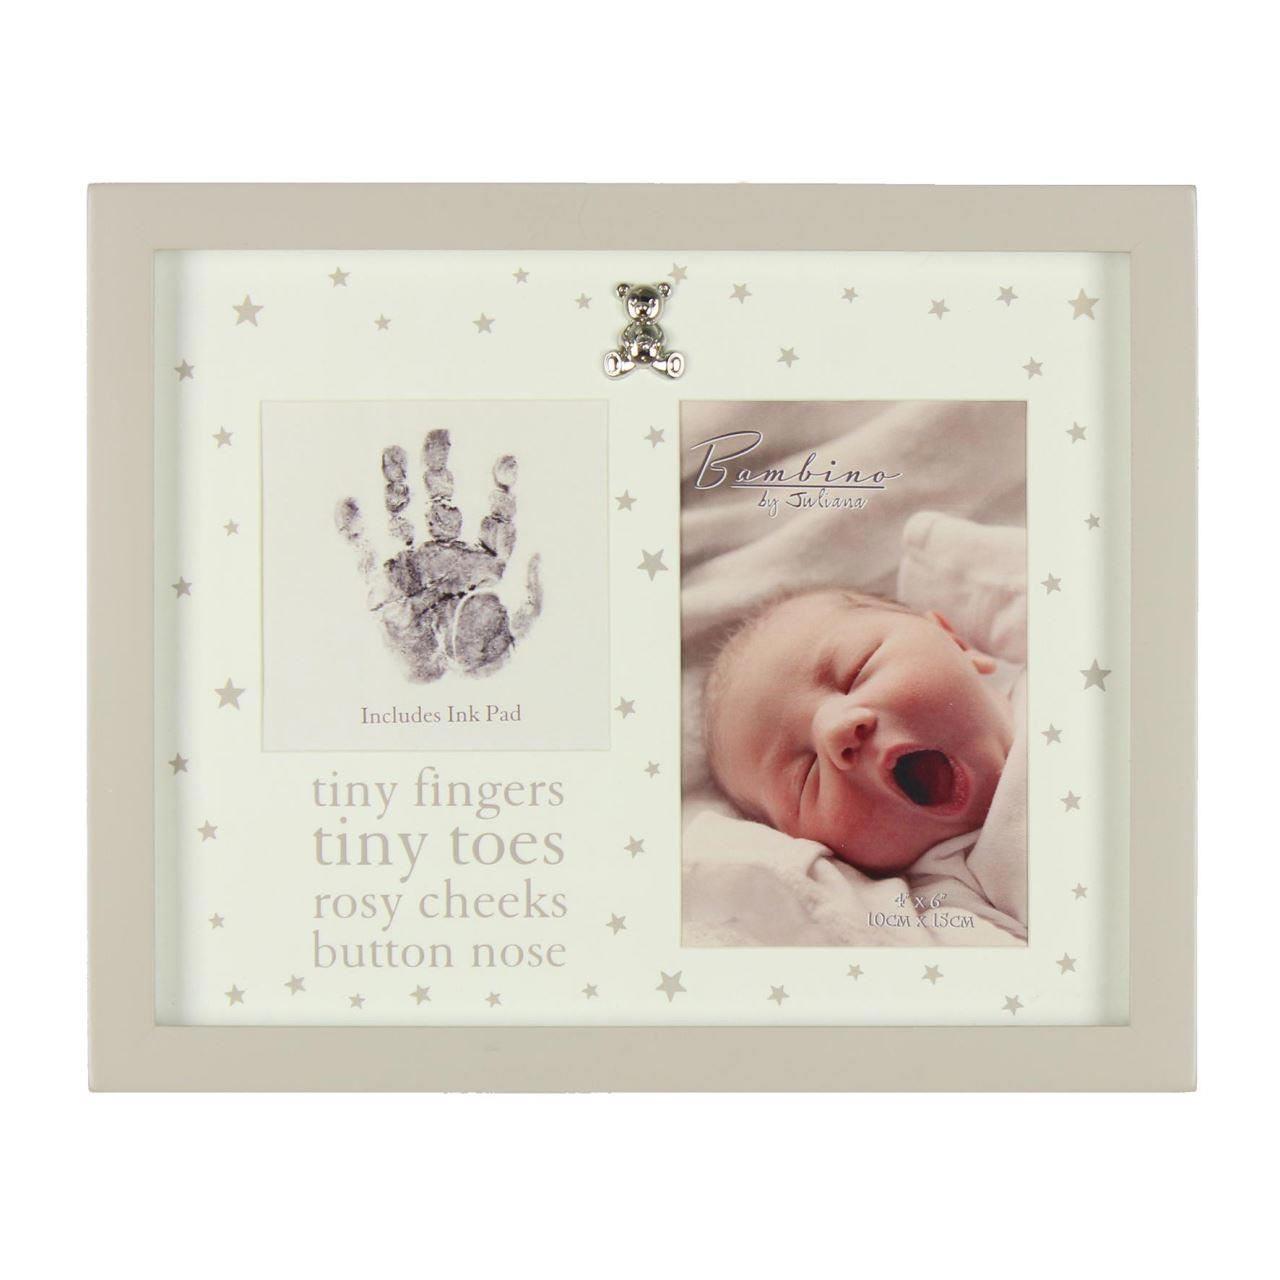 Bambino by Juliana - Rama foto pentru amprenta manutei bebelusului